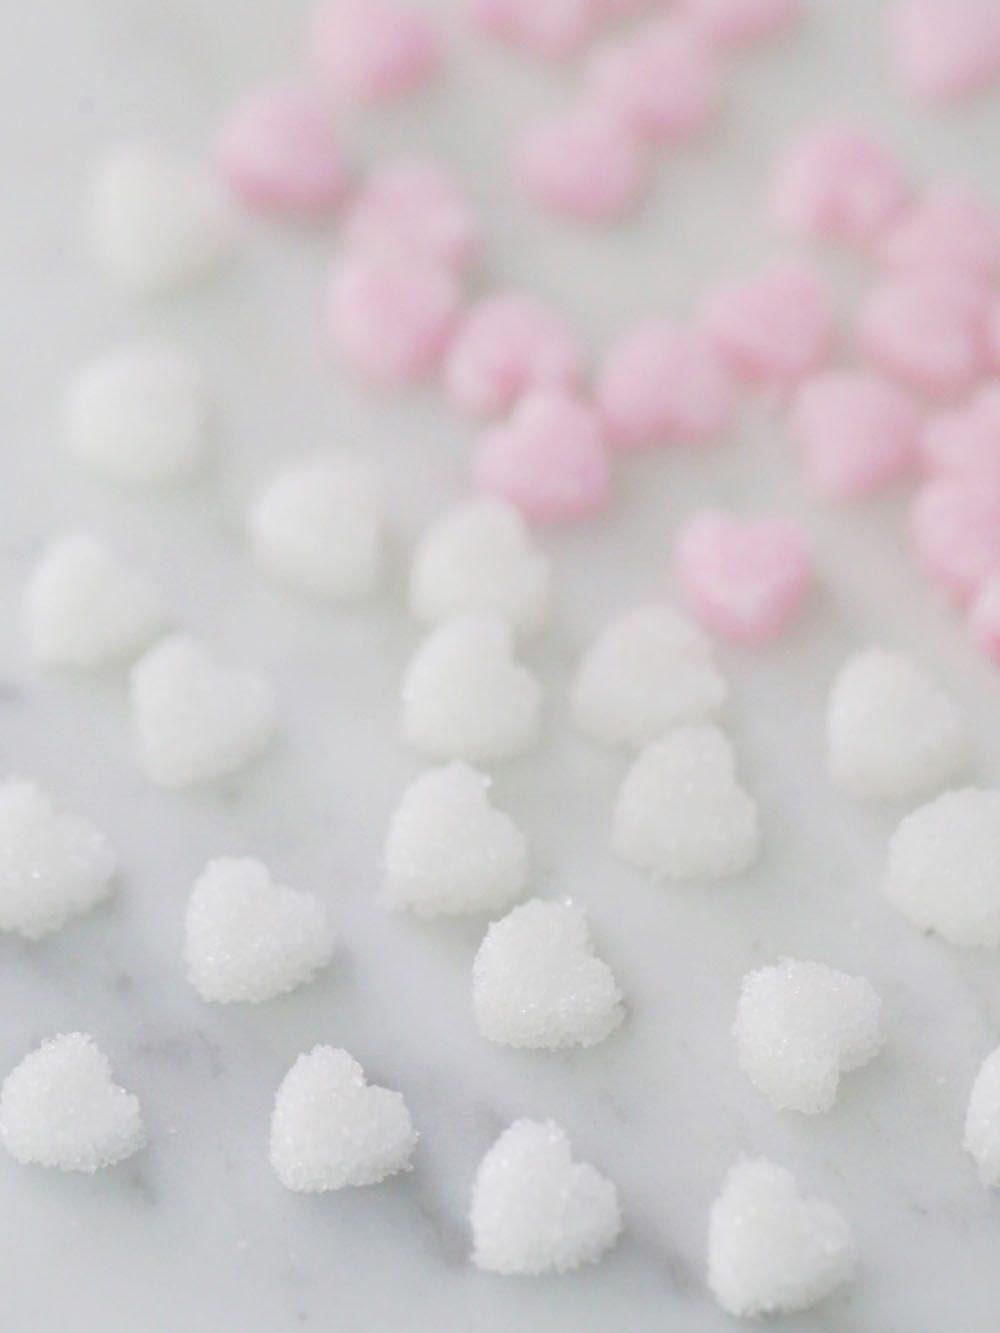 jillian-harris-erin-sousa-valentine-sugar-hearts-3